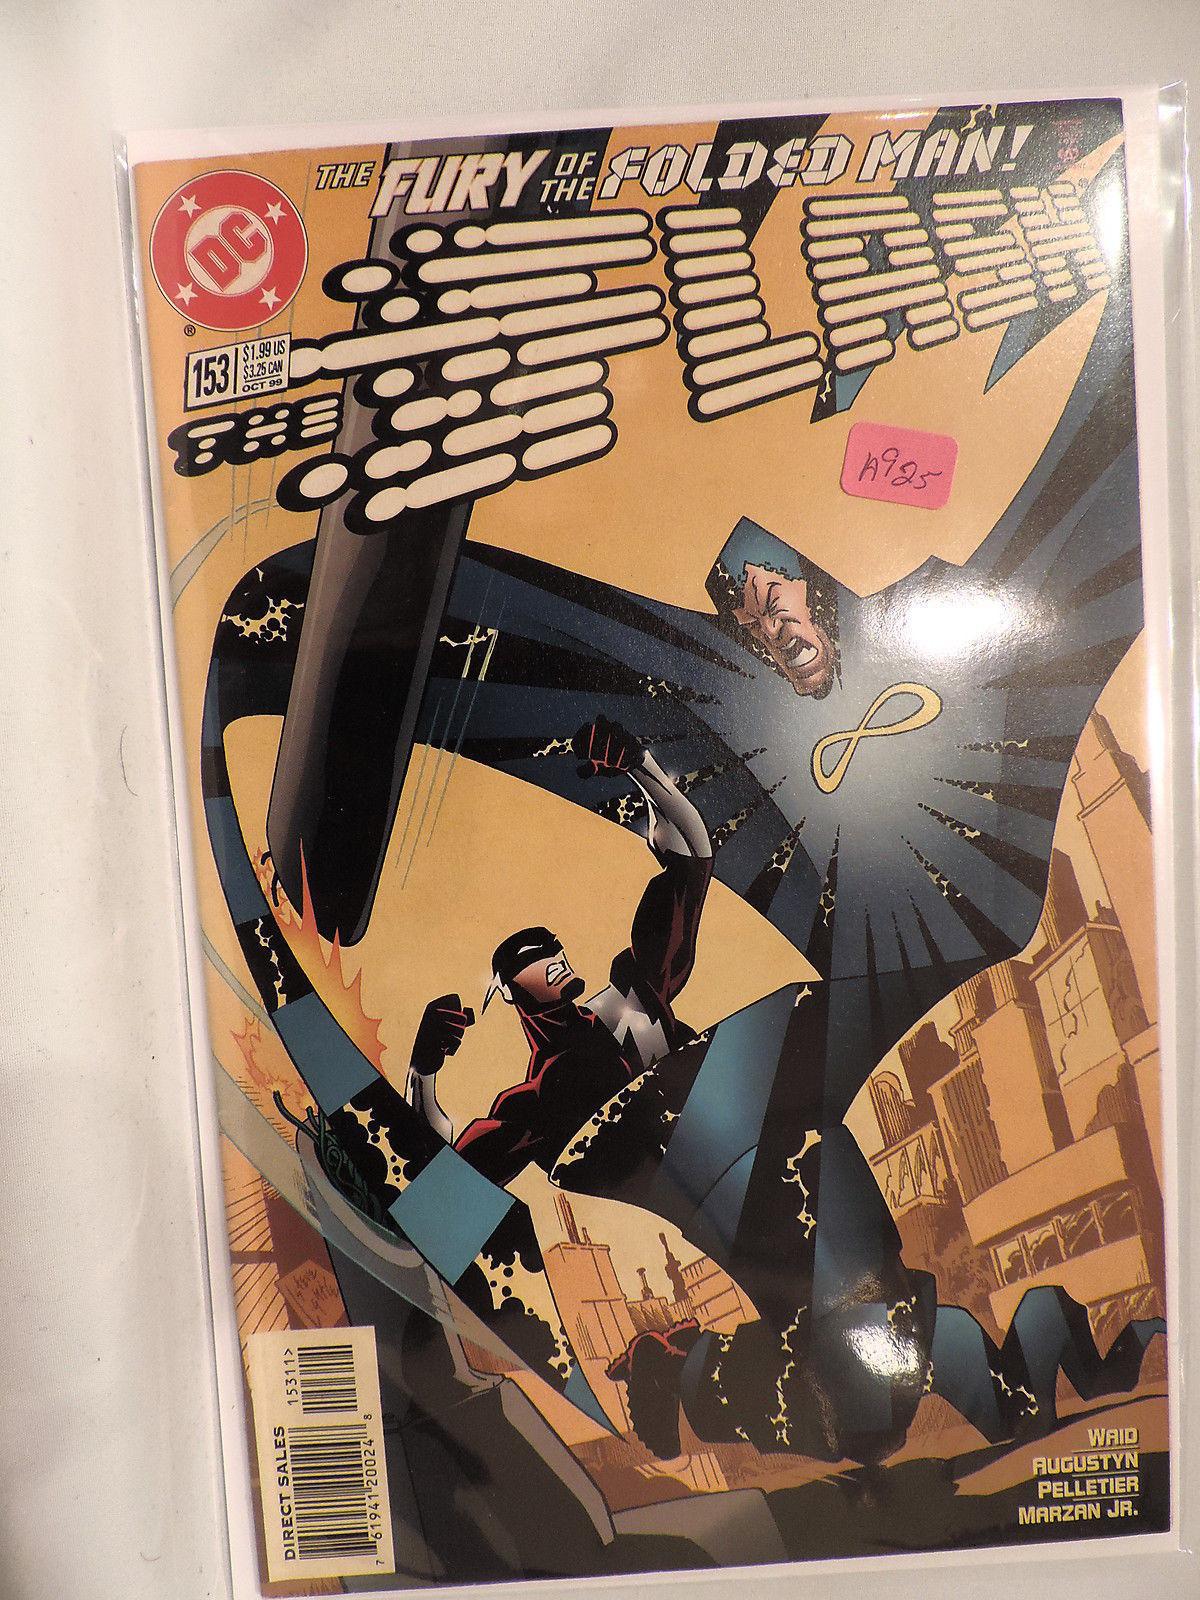 #153 The Flash1999 DC Comics A925